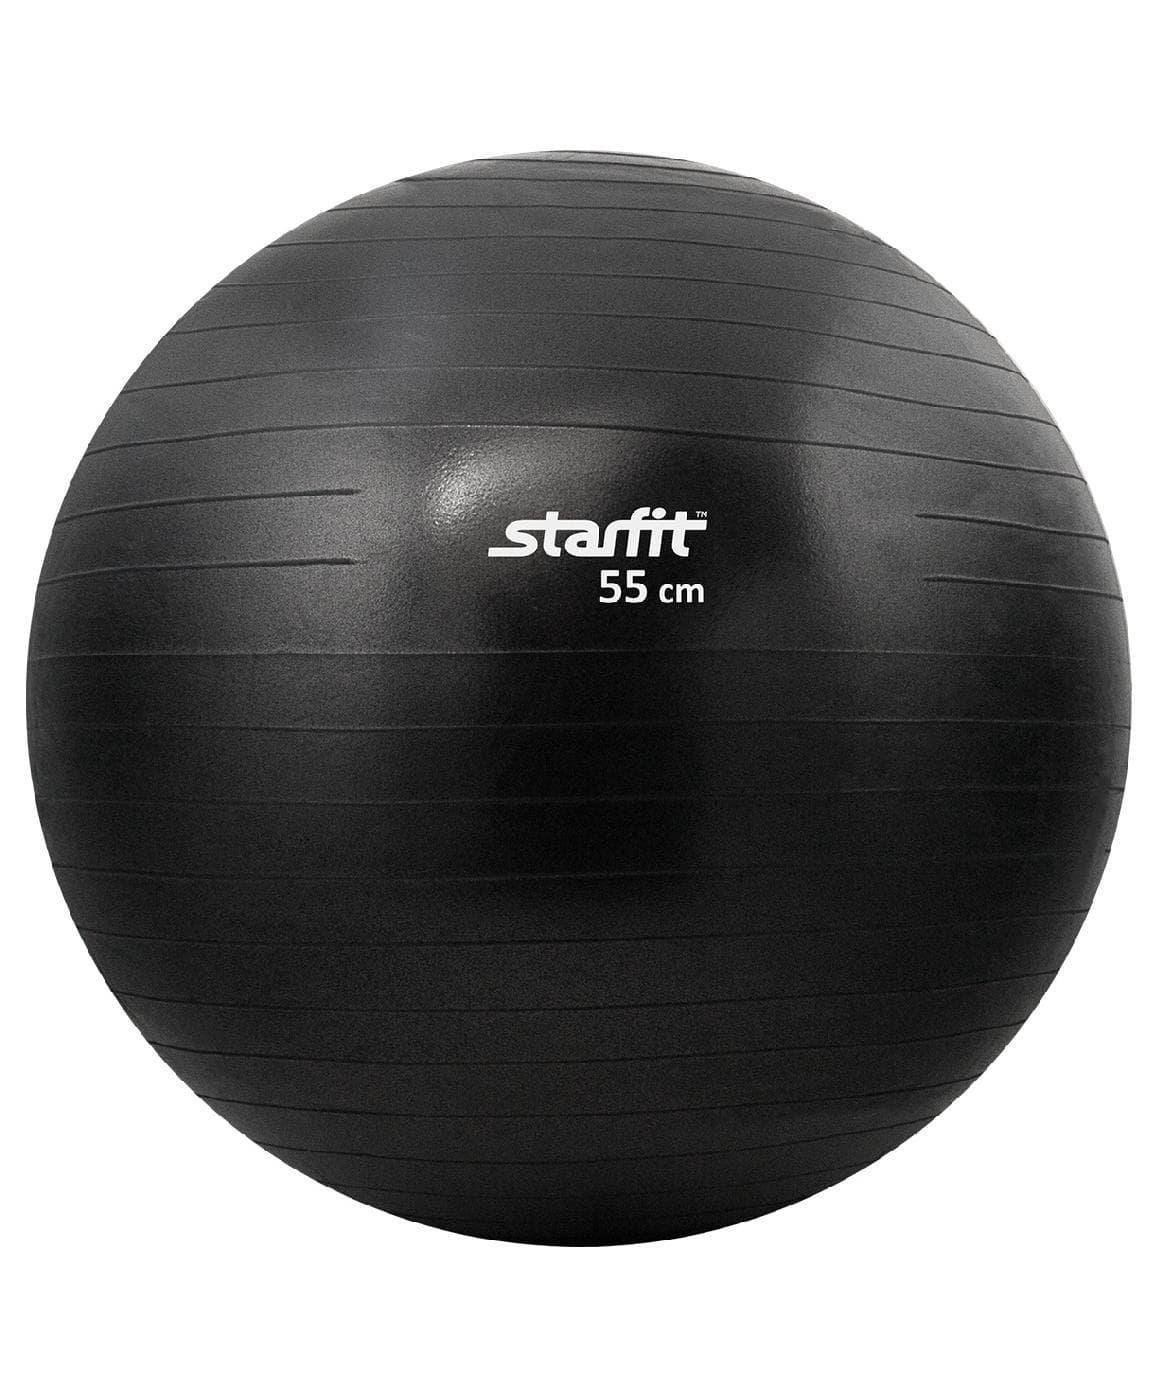 Мяч для фитнеса Starfit Мяч гимнастический GB-101 55 см, антивзрыв, черный мяч гимнастический starfit антивзрыв gb 101 фиолетовый 85 см